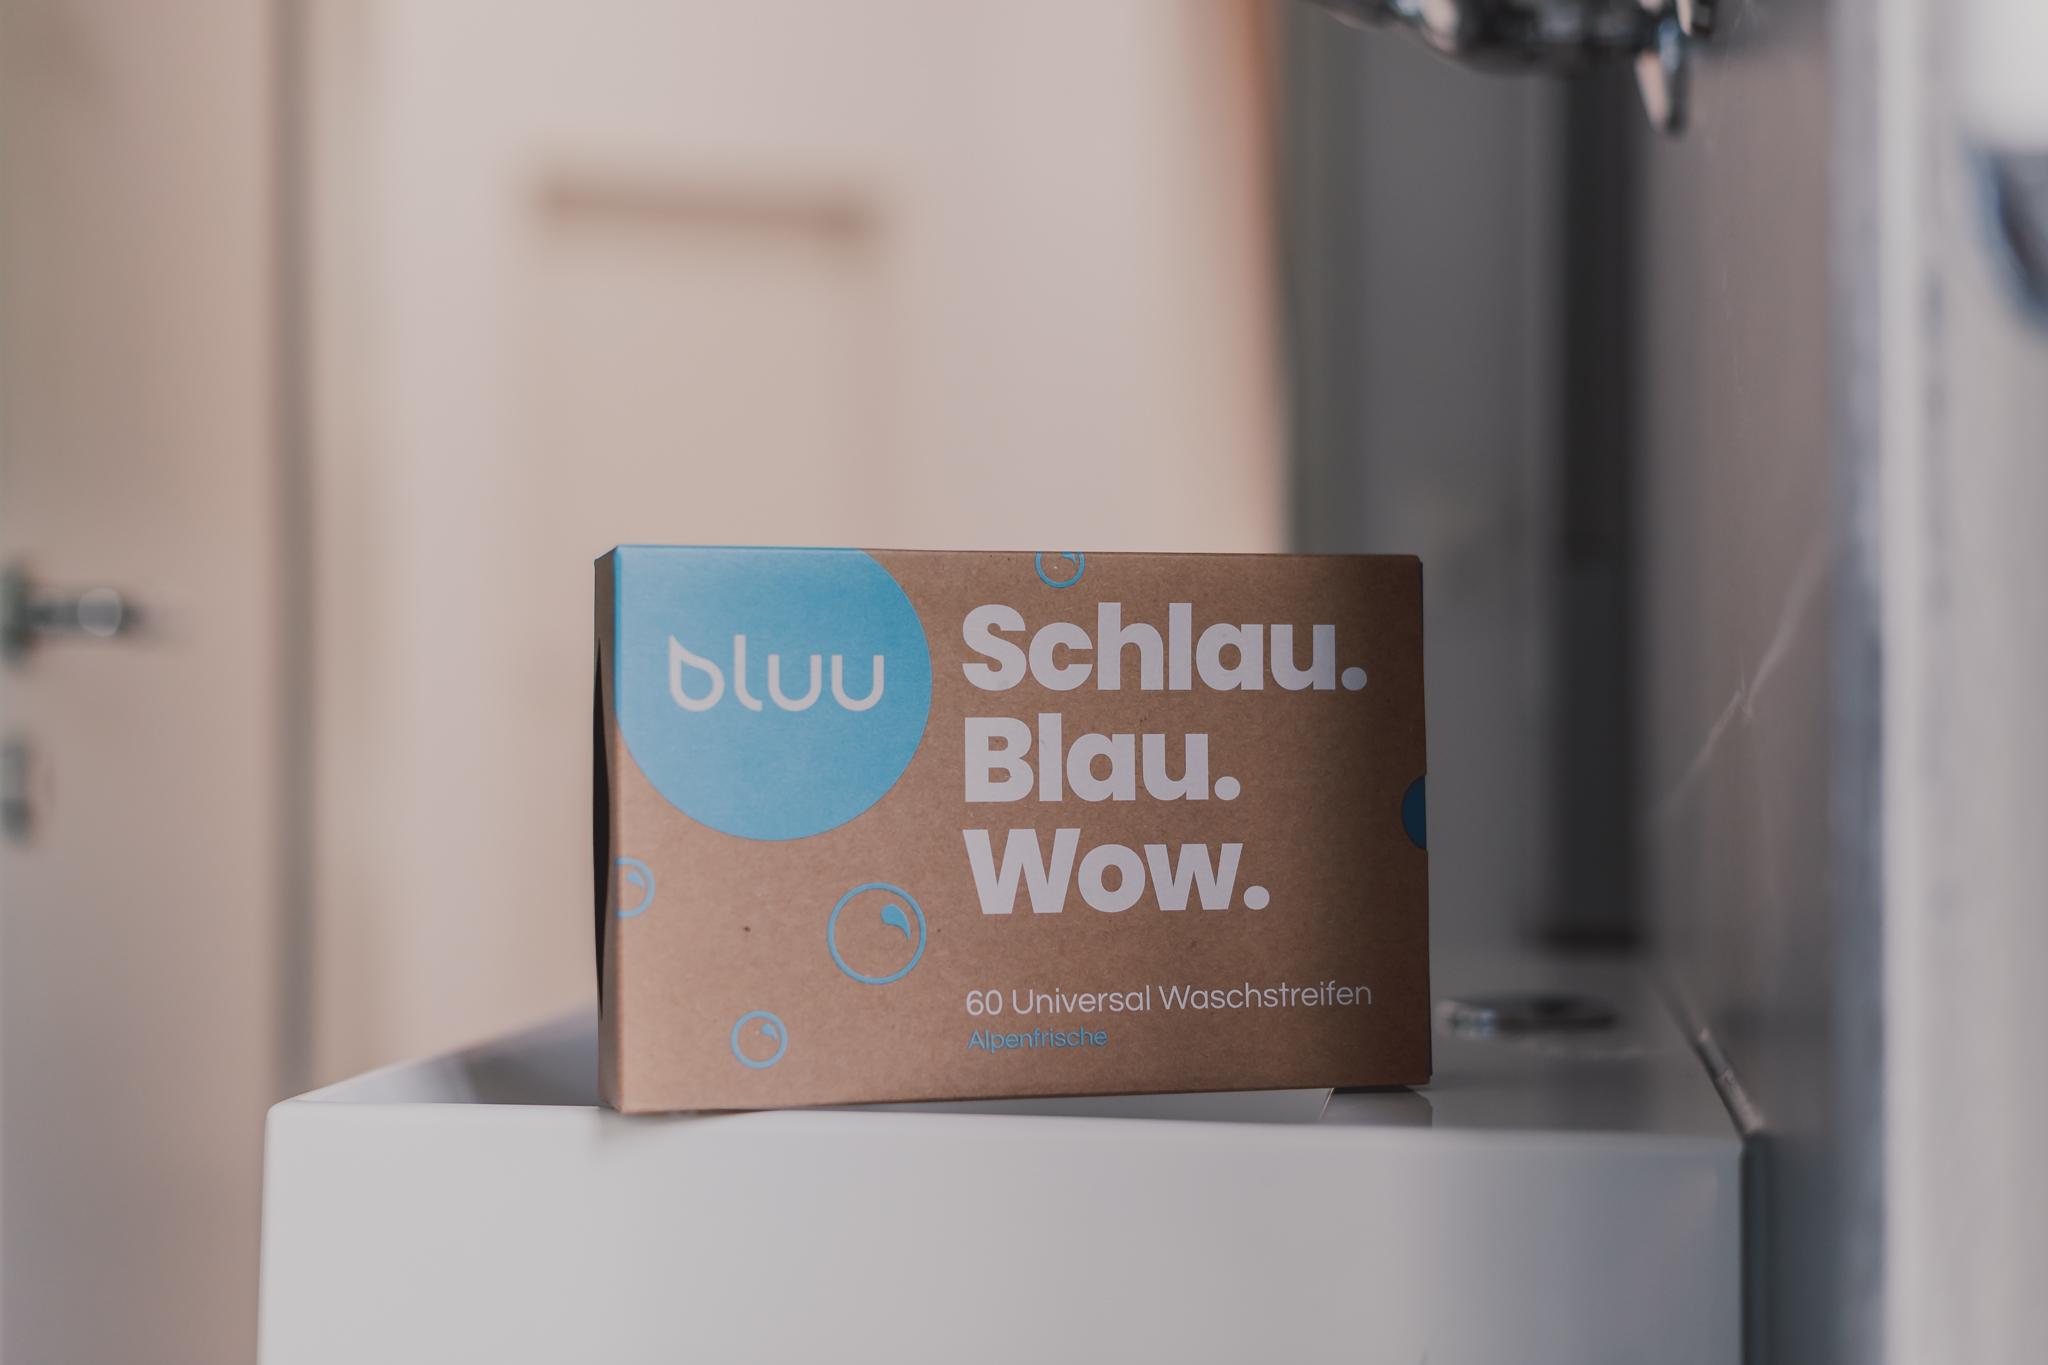 Waschstreifen bluu